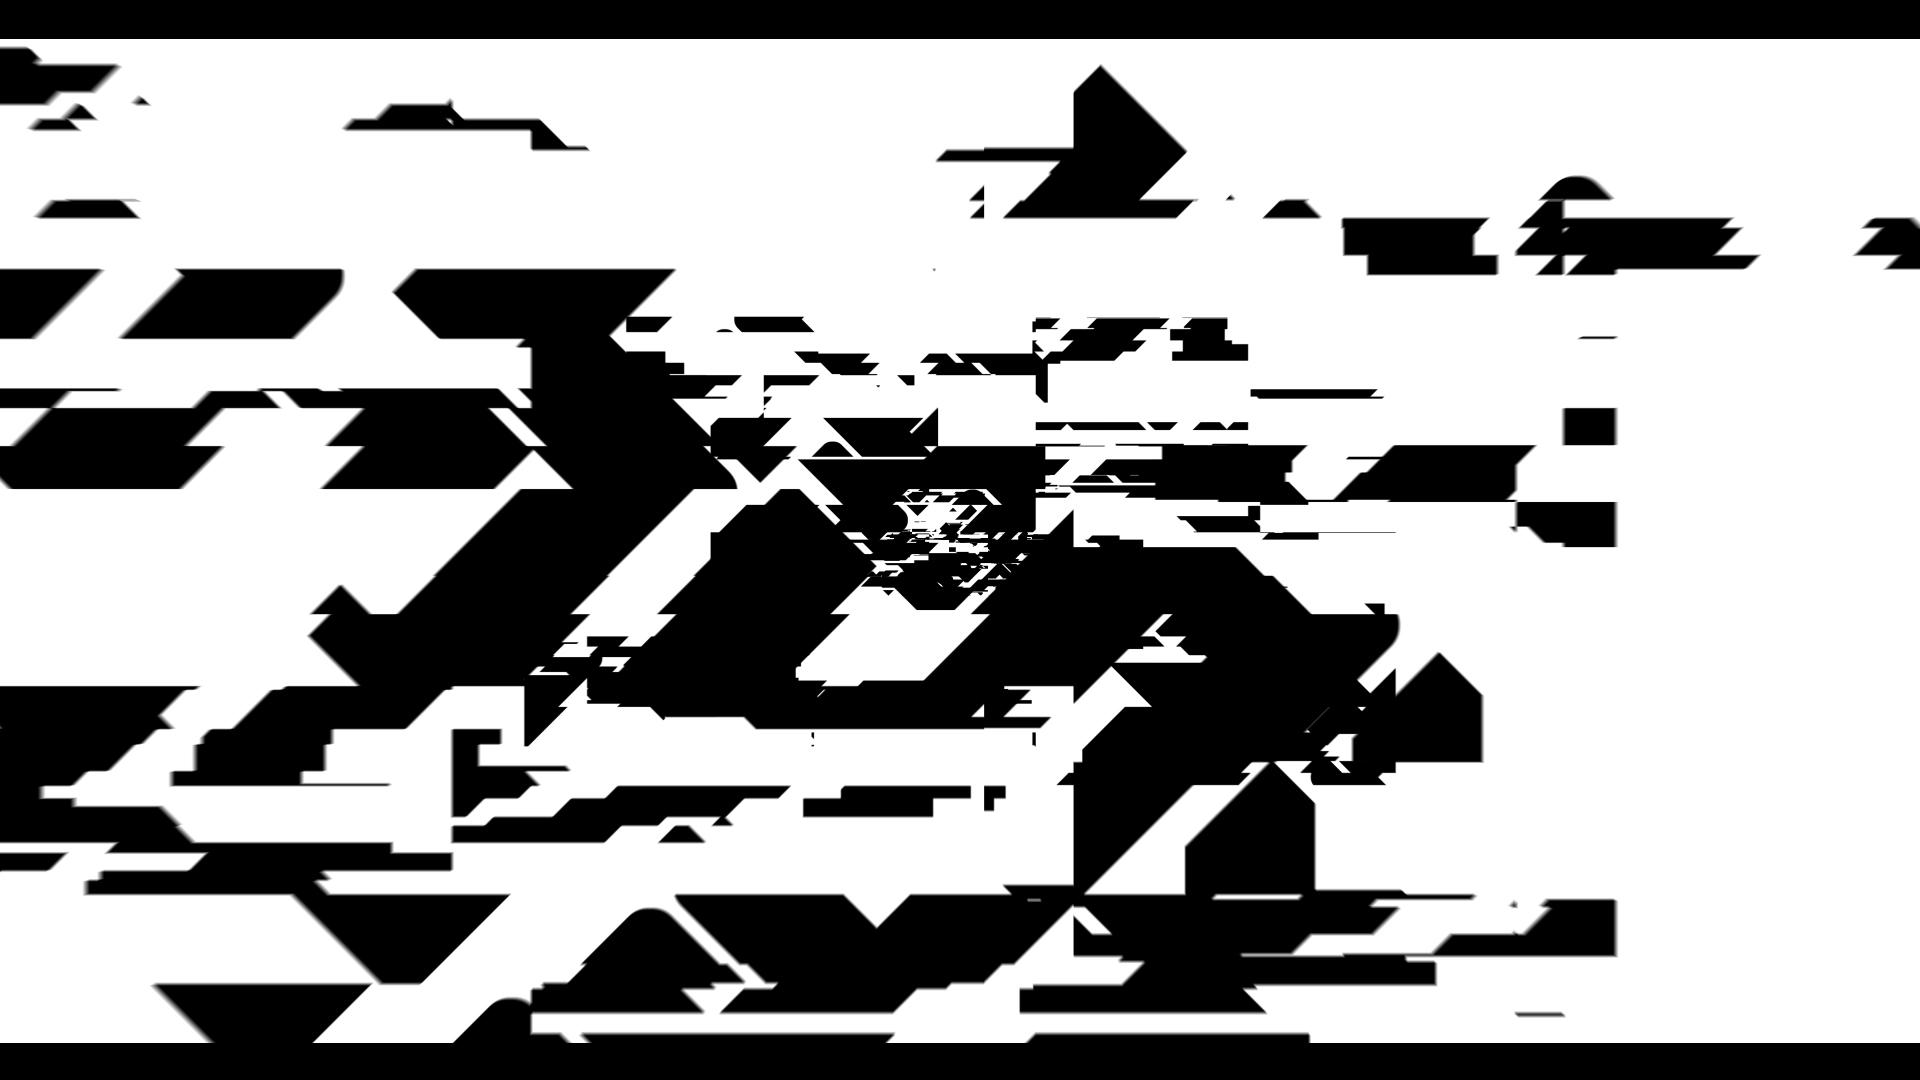 tao_sorter MAINLINE 9_05492.jpg